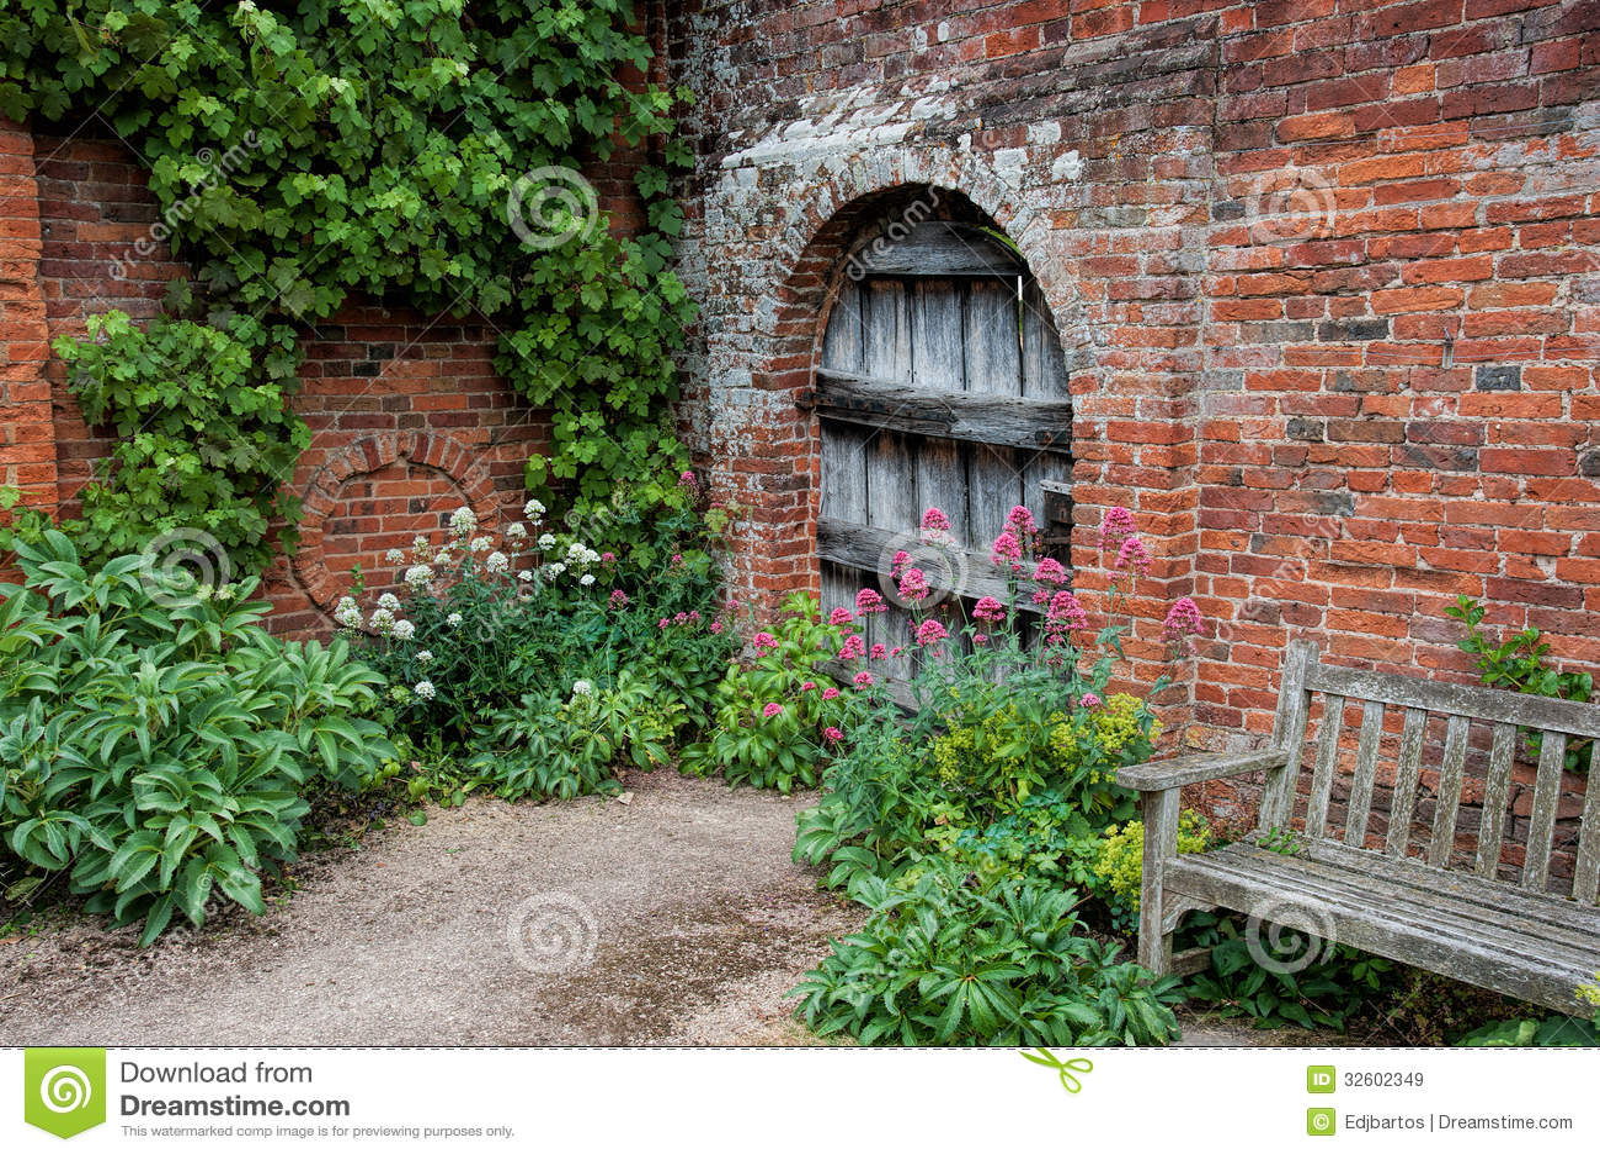 Garden Doorway stock image. Image of wooden, leaves, wood ...